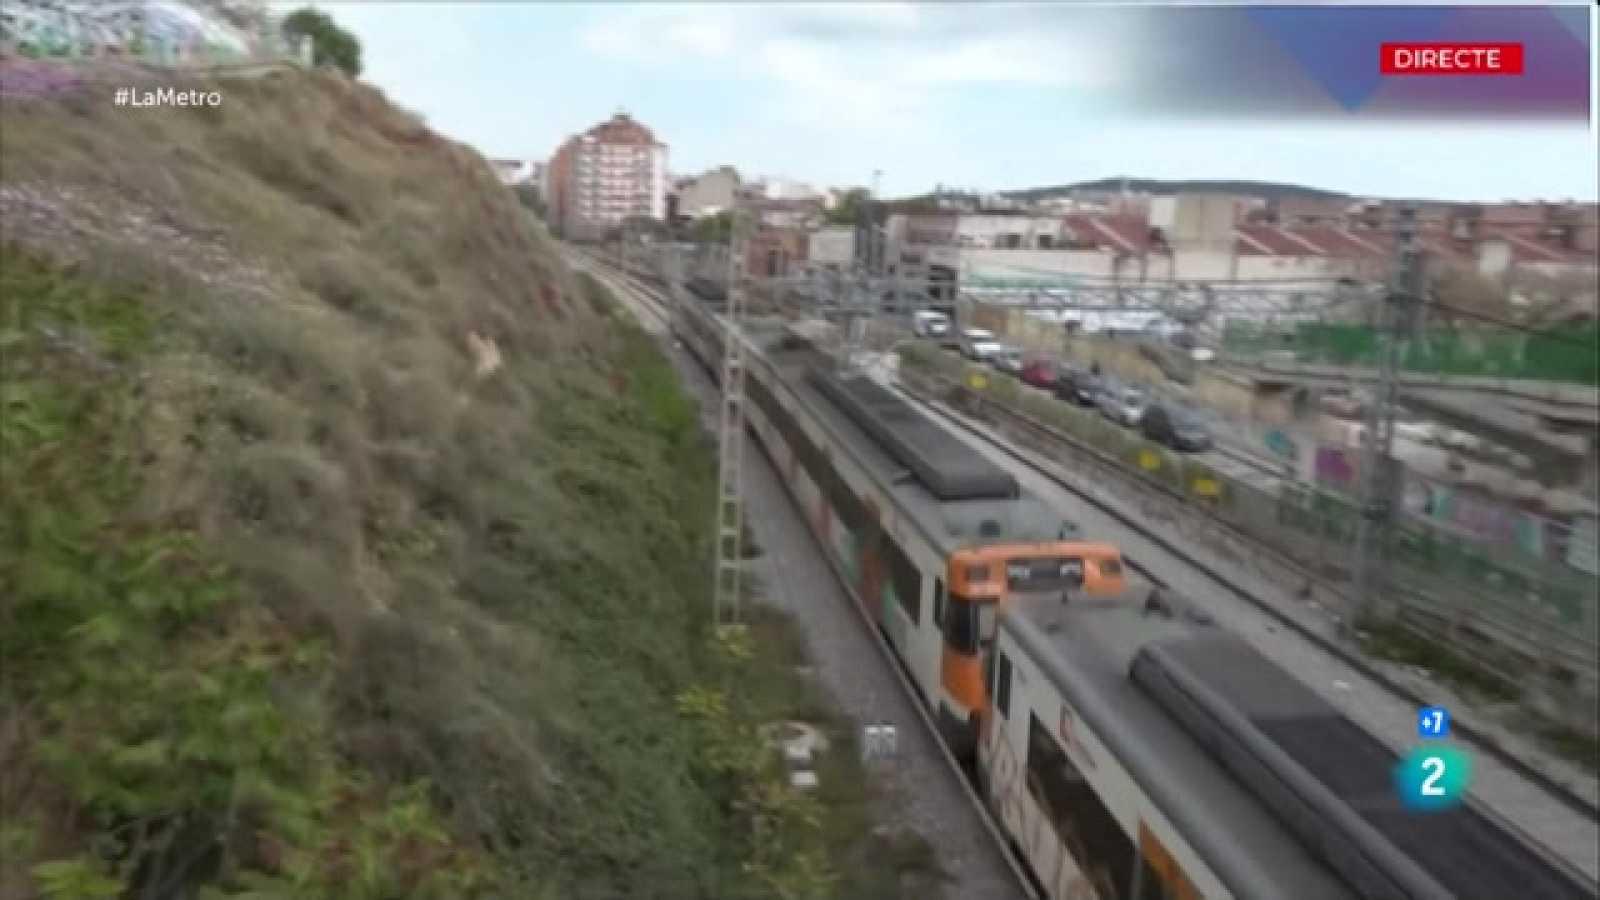 Expliquem l'impacte que tindrà el soterrament de les vies del tren a L'Hospitalet de Llobregat